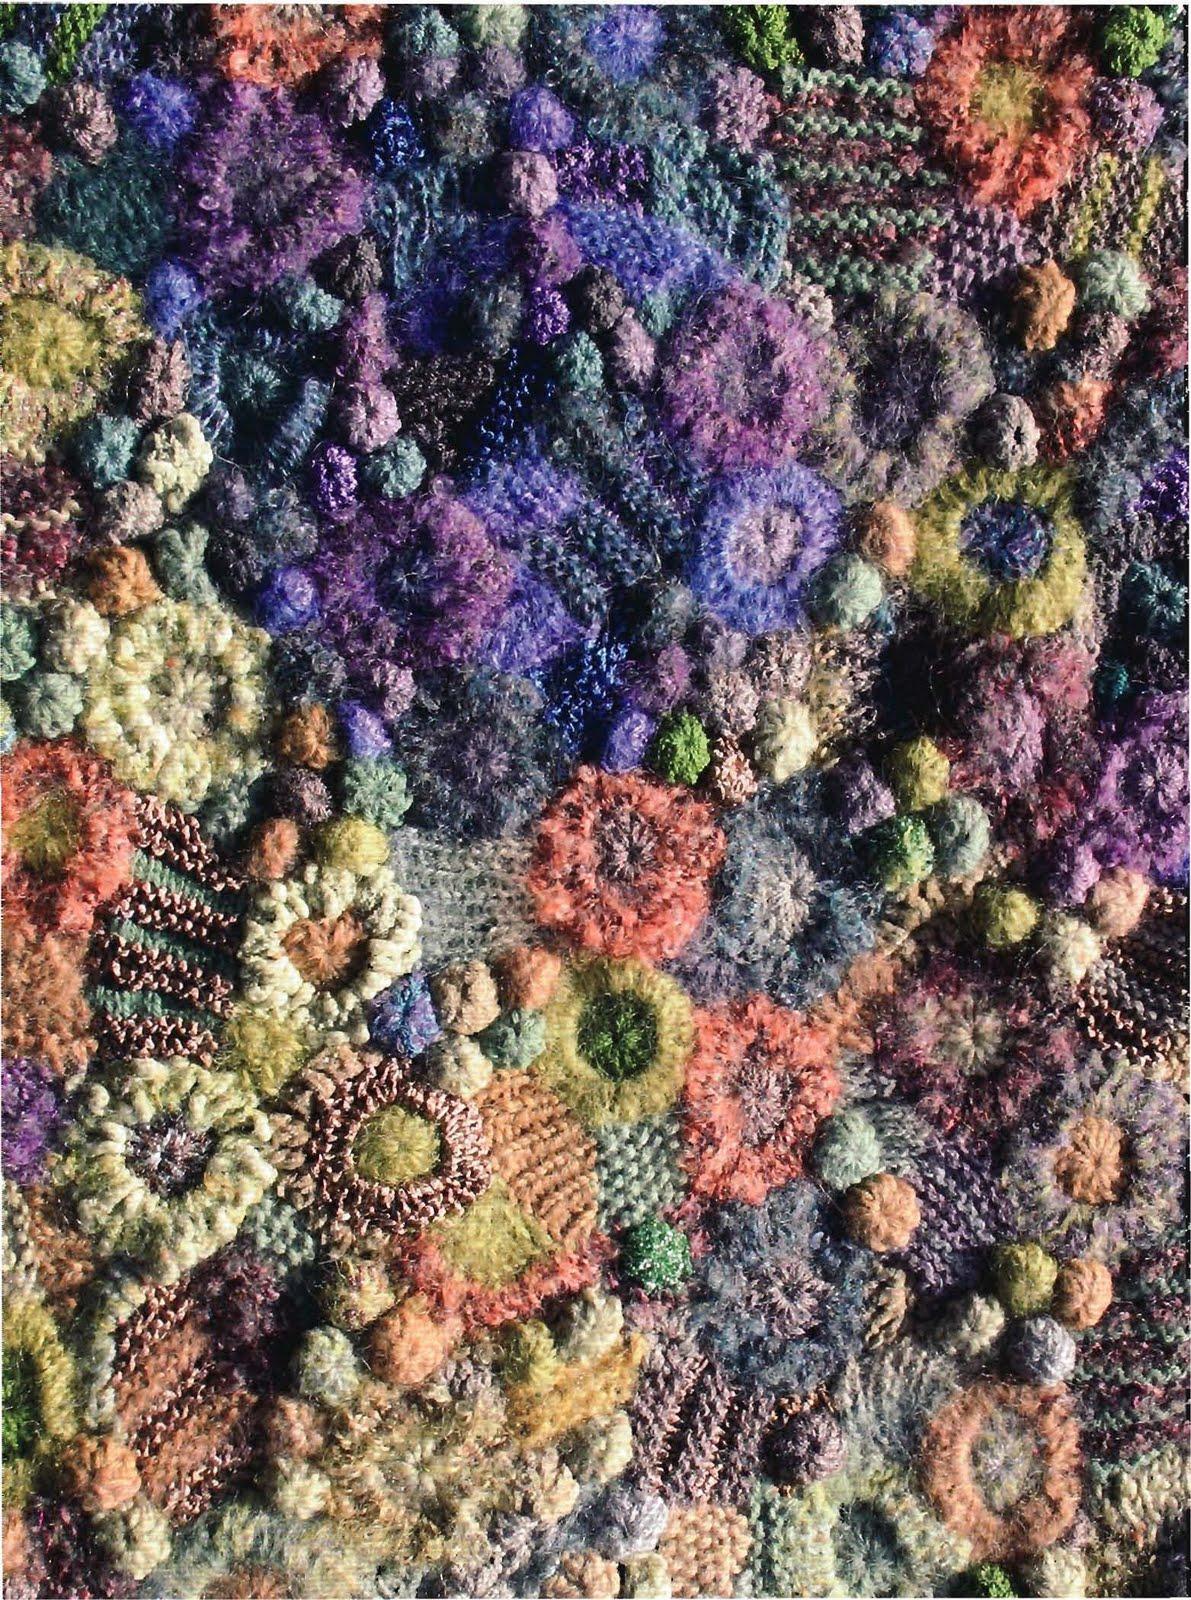 http://3.bp.blogspot.com/_m7QmMUfFJBg/TDPQ1v3L2YI/AAAAAAAAACc/hF_CL46qcxE/s1600/textile+now-3.jpg